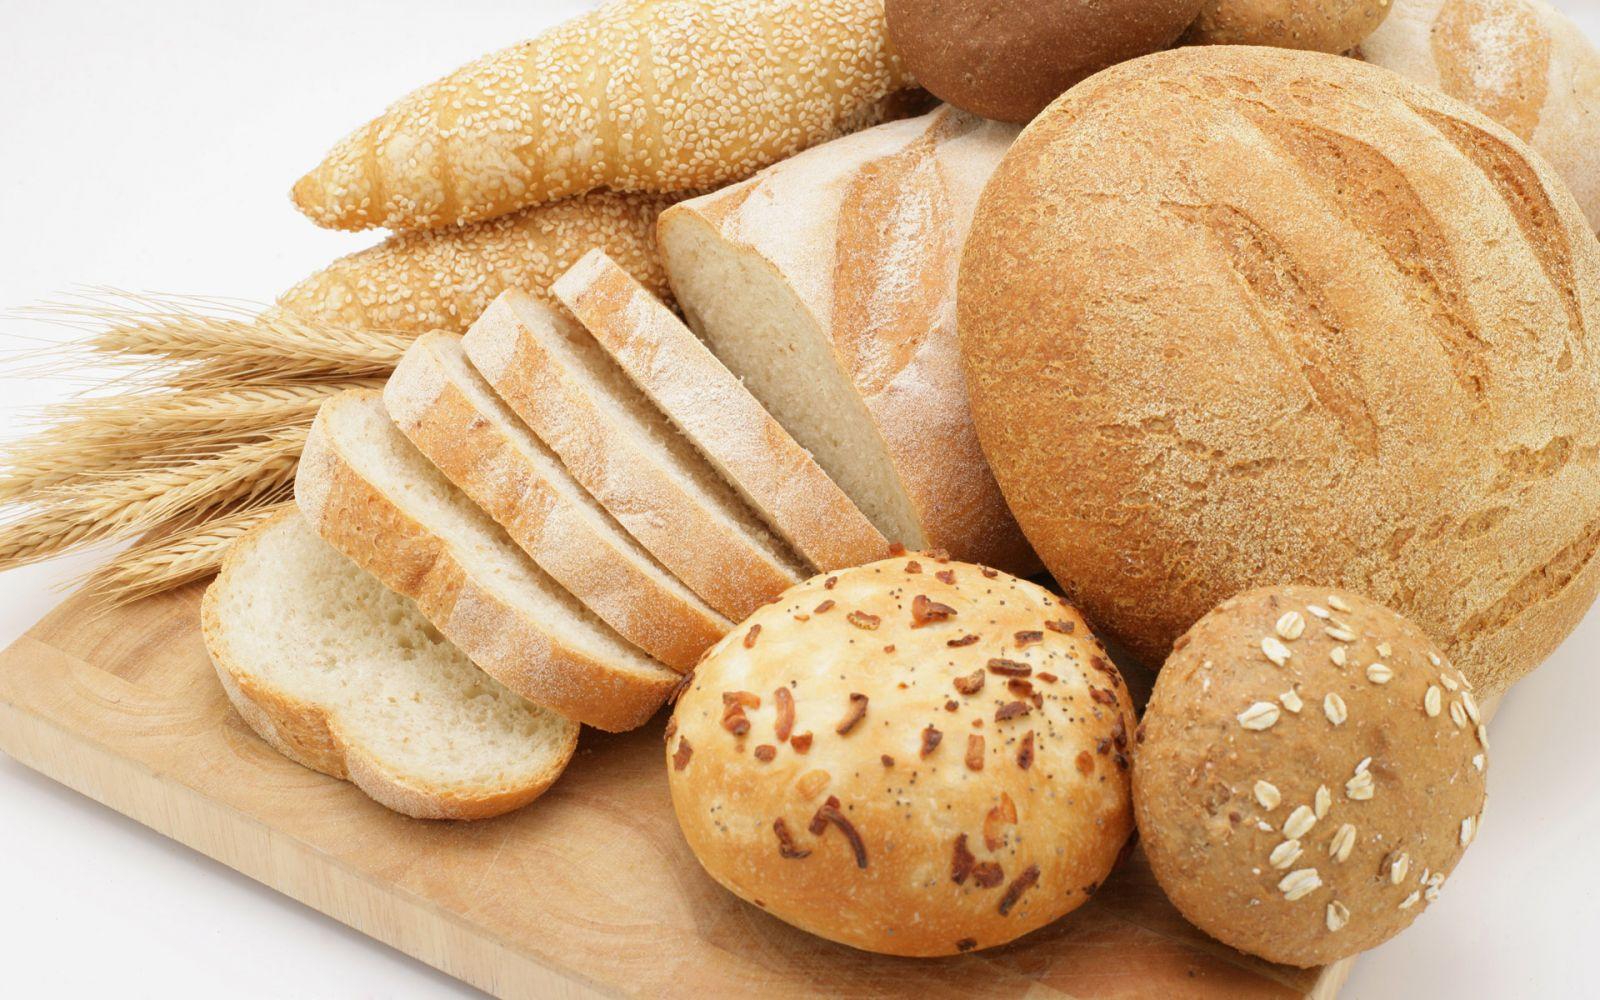 Pâinea socială în Moldova: gustul copilăriei și distrugerea miturilor